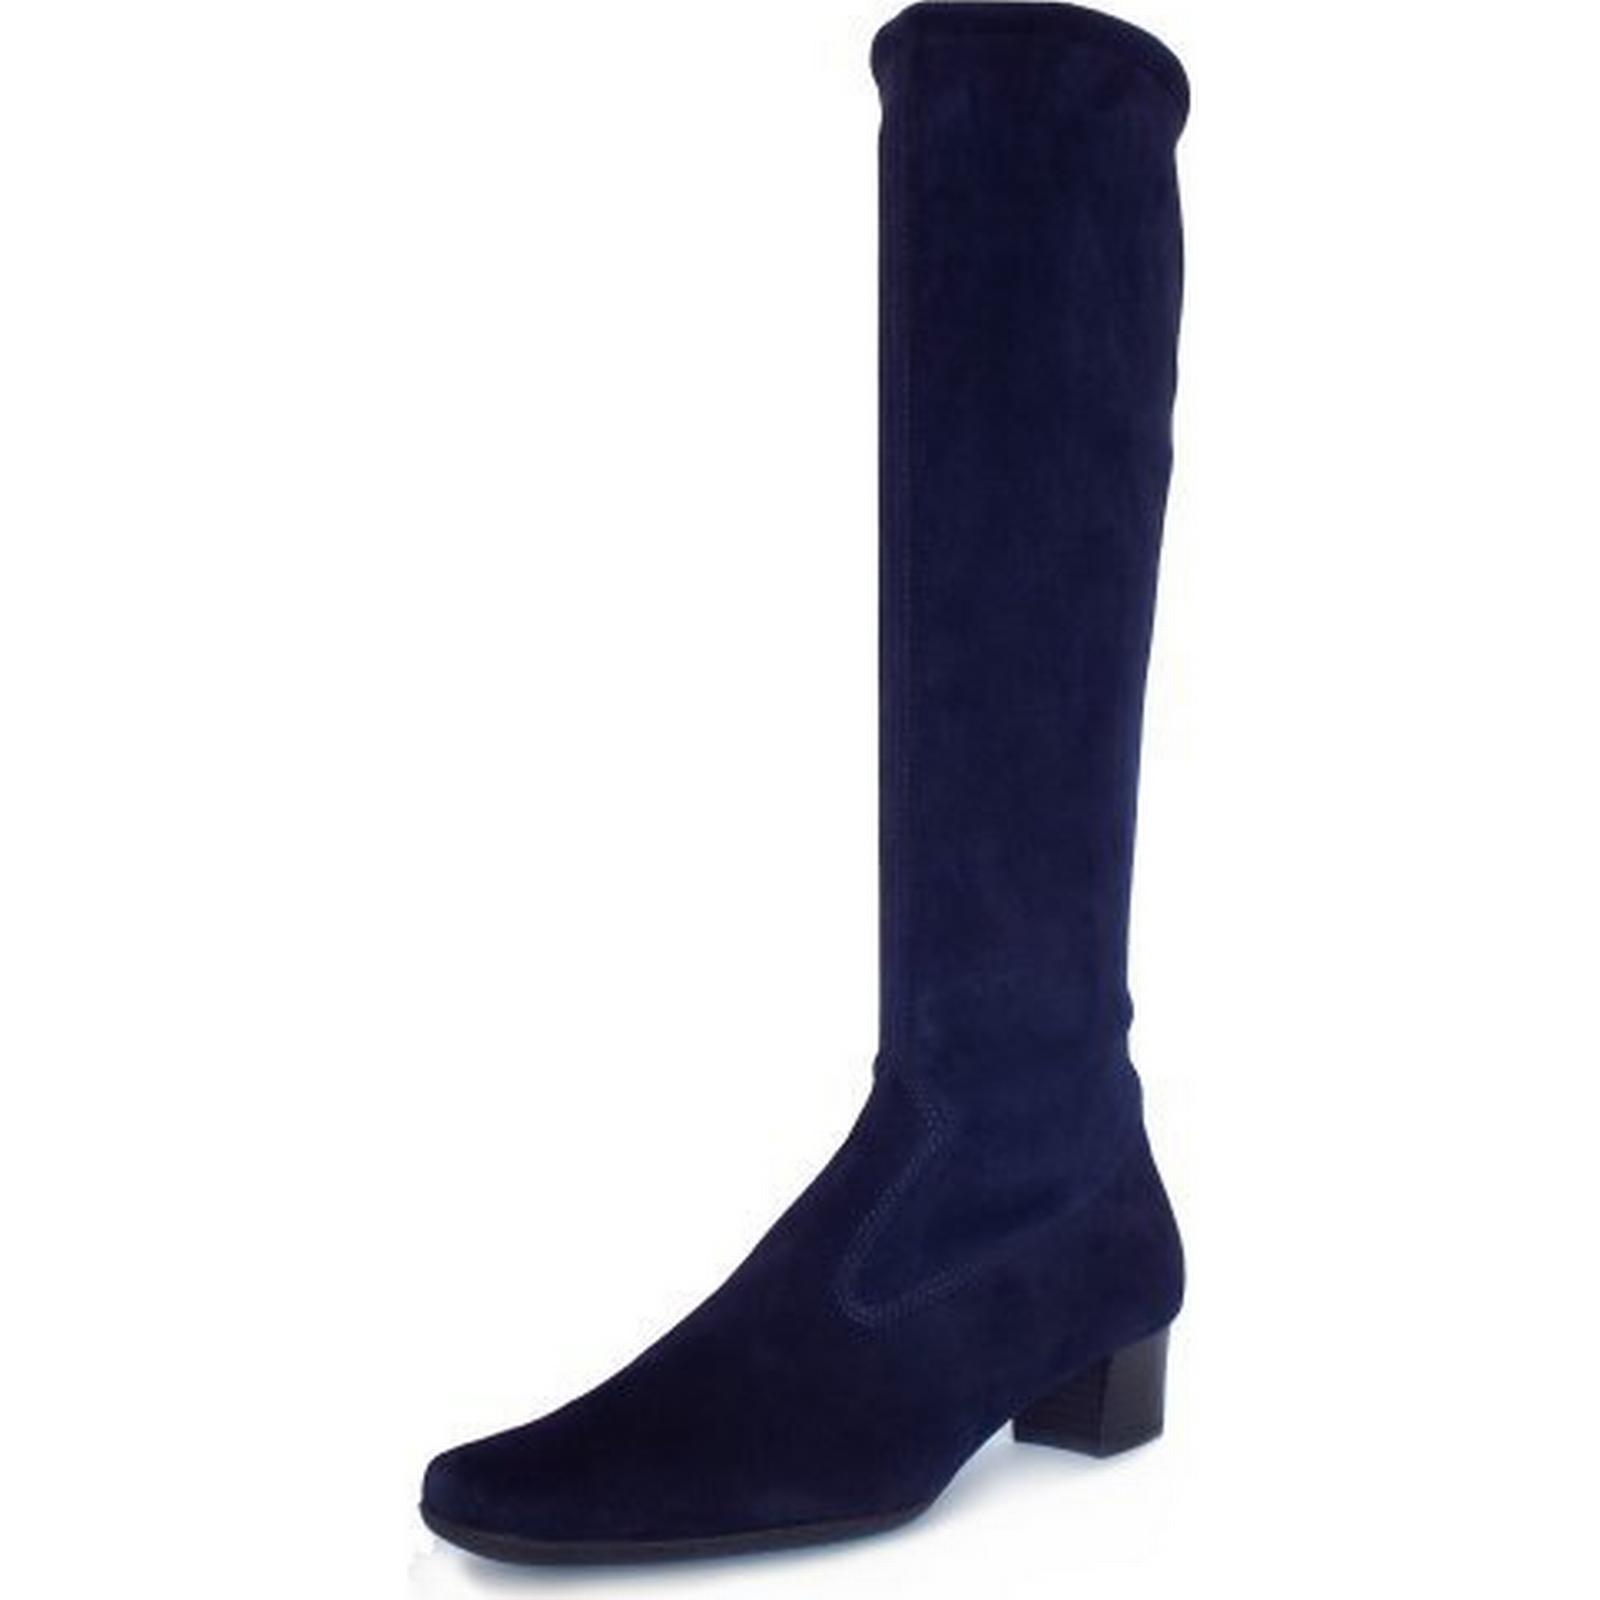 Peter Kaiser PETER AILA PETER Kaiser KAISER LADIES LONG BOOTS Size: 5, Colour: NOTT 2b51d7